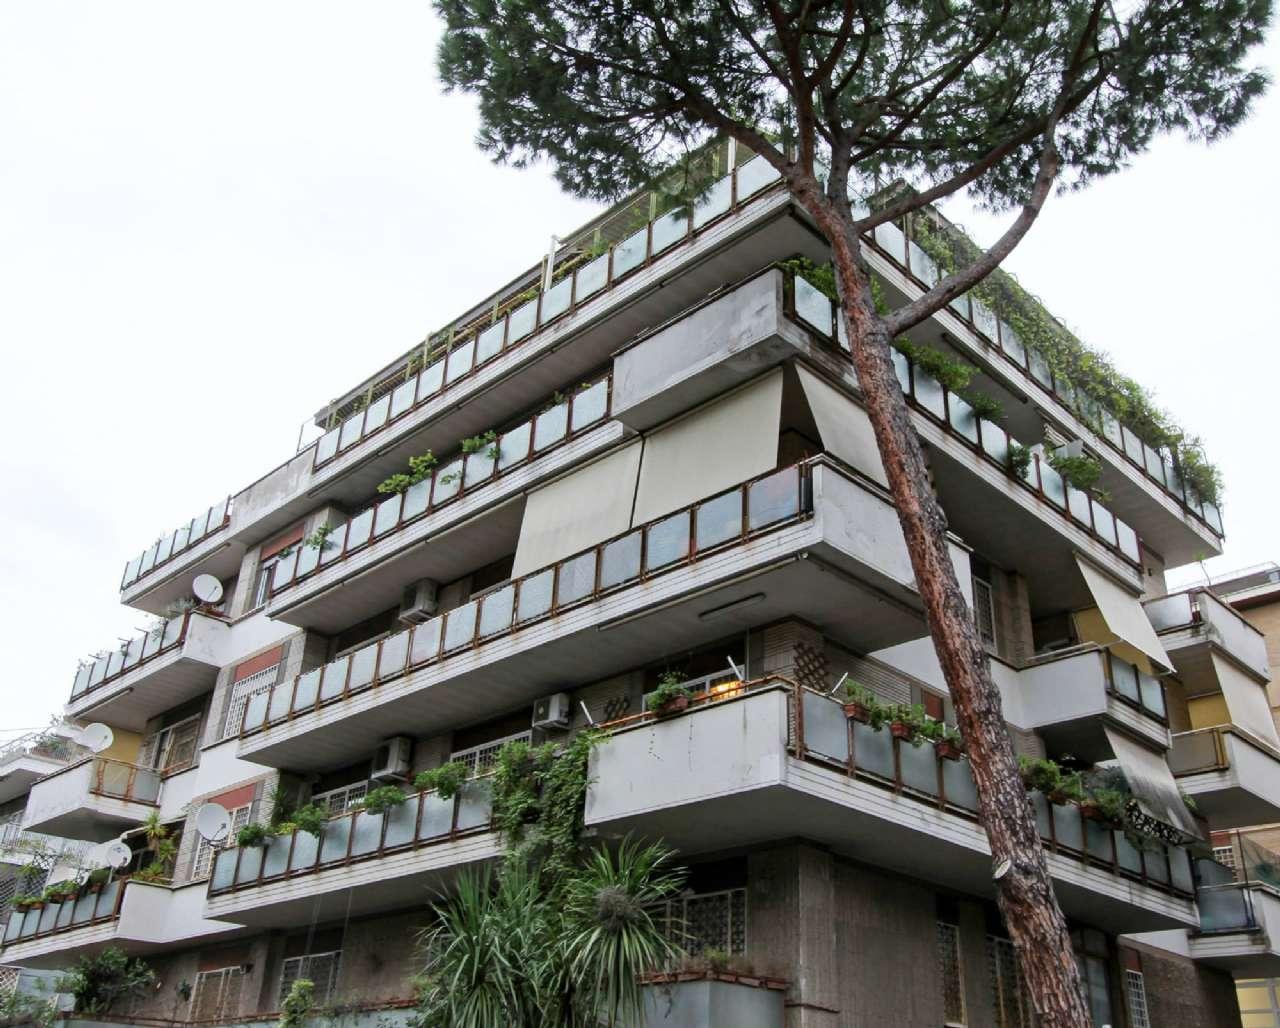 Appartamento in vendita a Roma, 7 locali, zona Zona: 42 . Cassia - Olgiata, prezzo € 675.000 | CambioCasa.it